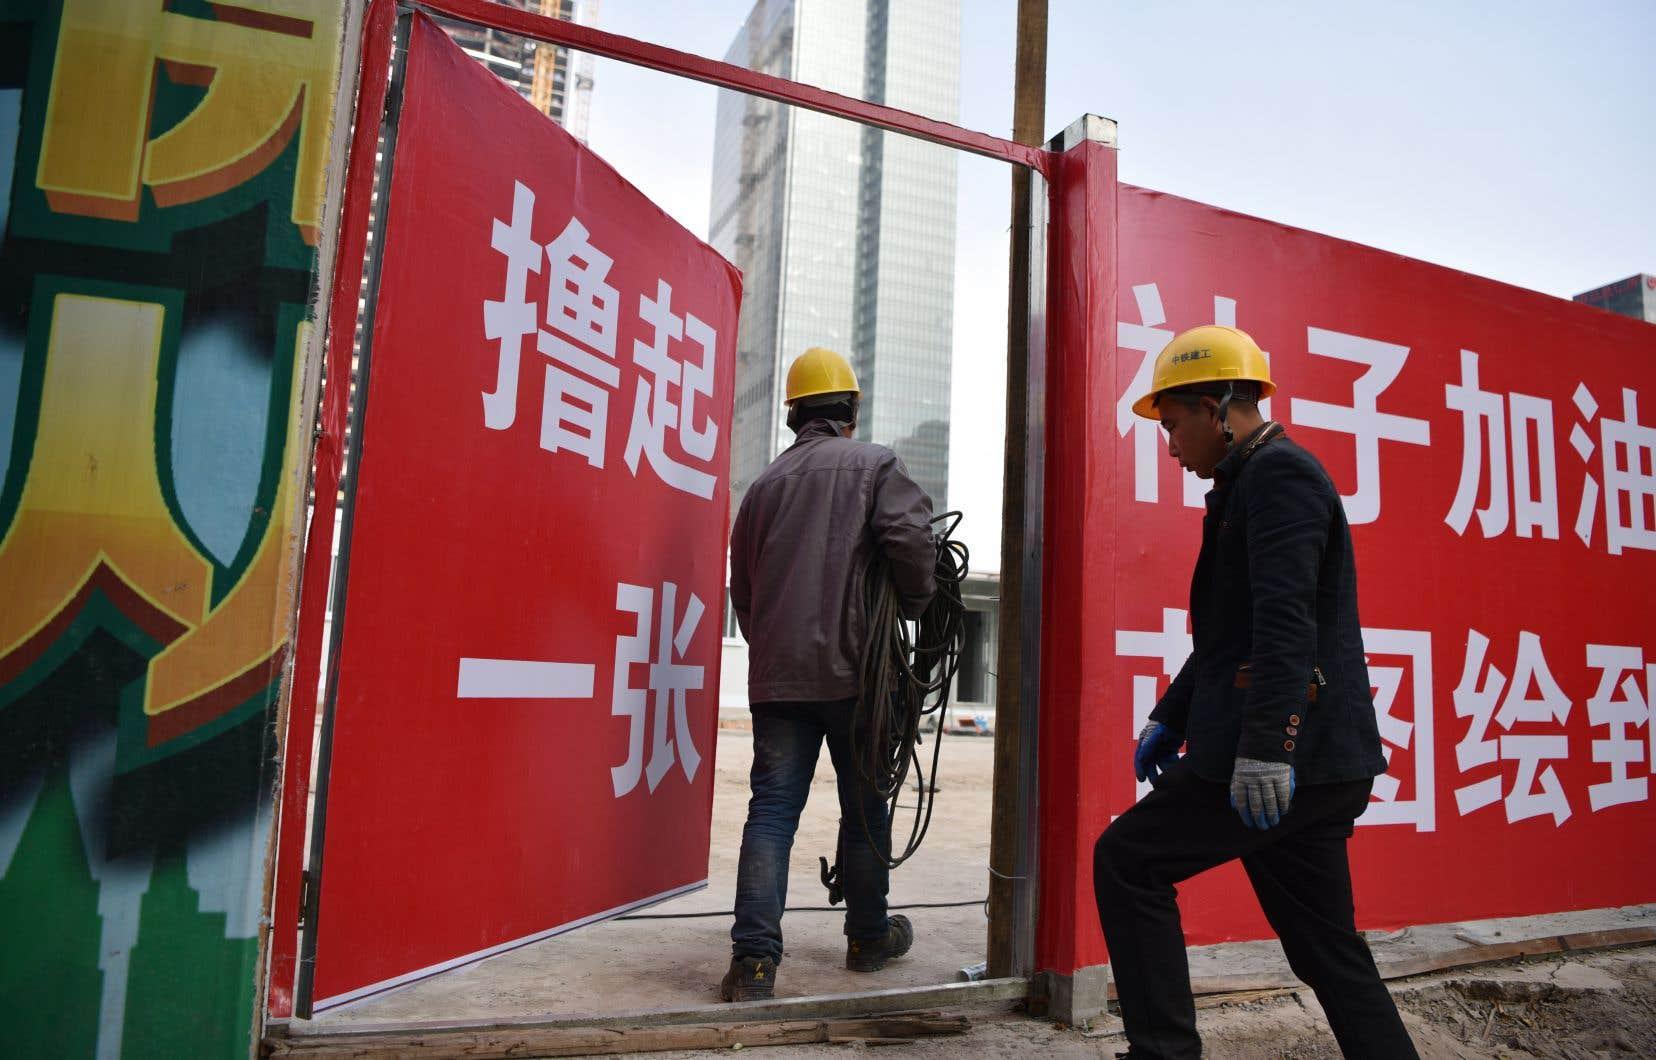 La Chine a publié vendredi des statistiques peu encourageantes, montrant un essoufflement marqué des investissements dans les infrastructures. Le pays a aussi vu ses ventes d'automobiles reculer pendant trois mois consécutifs.